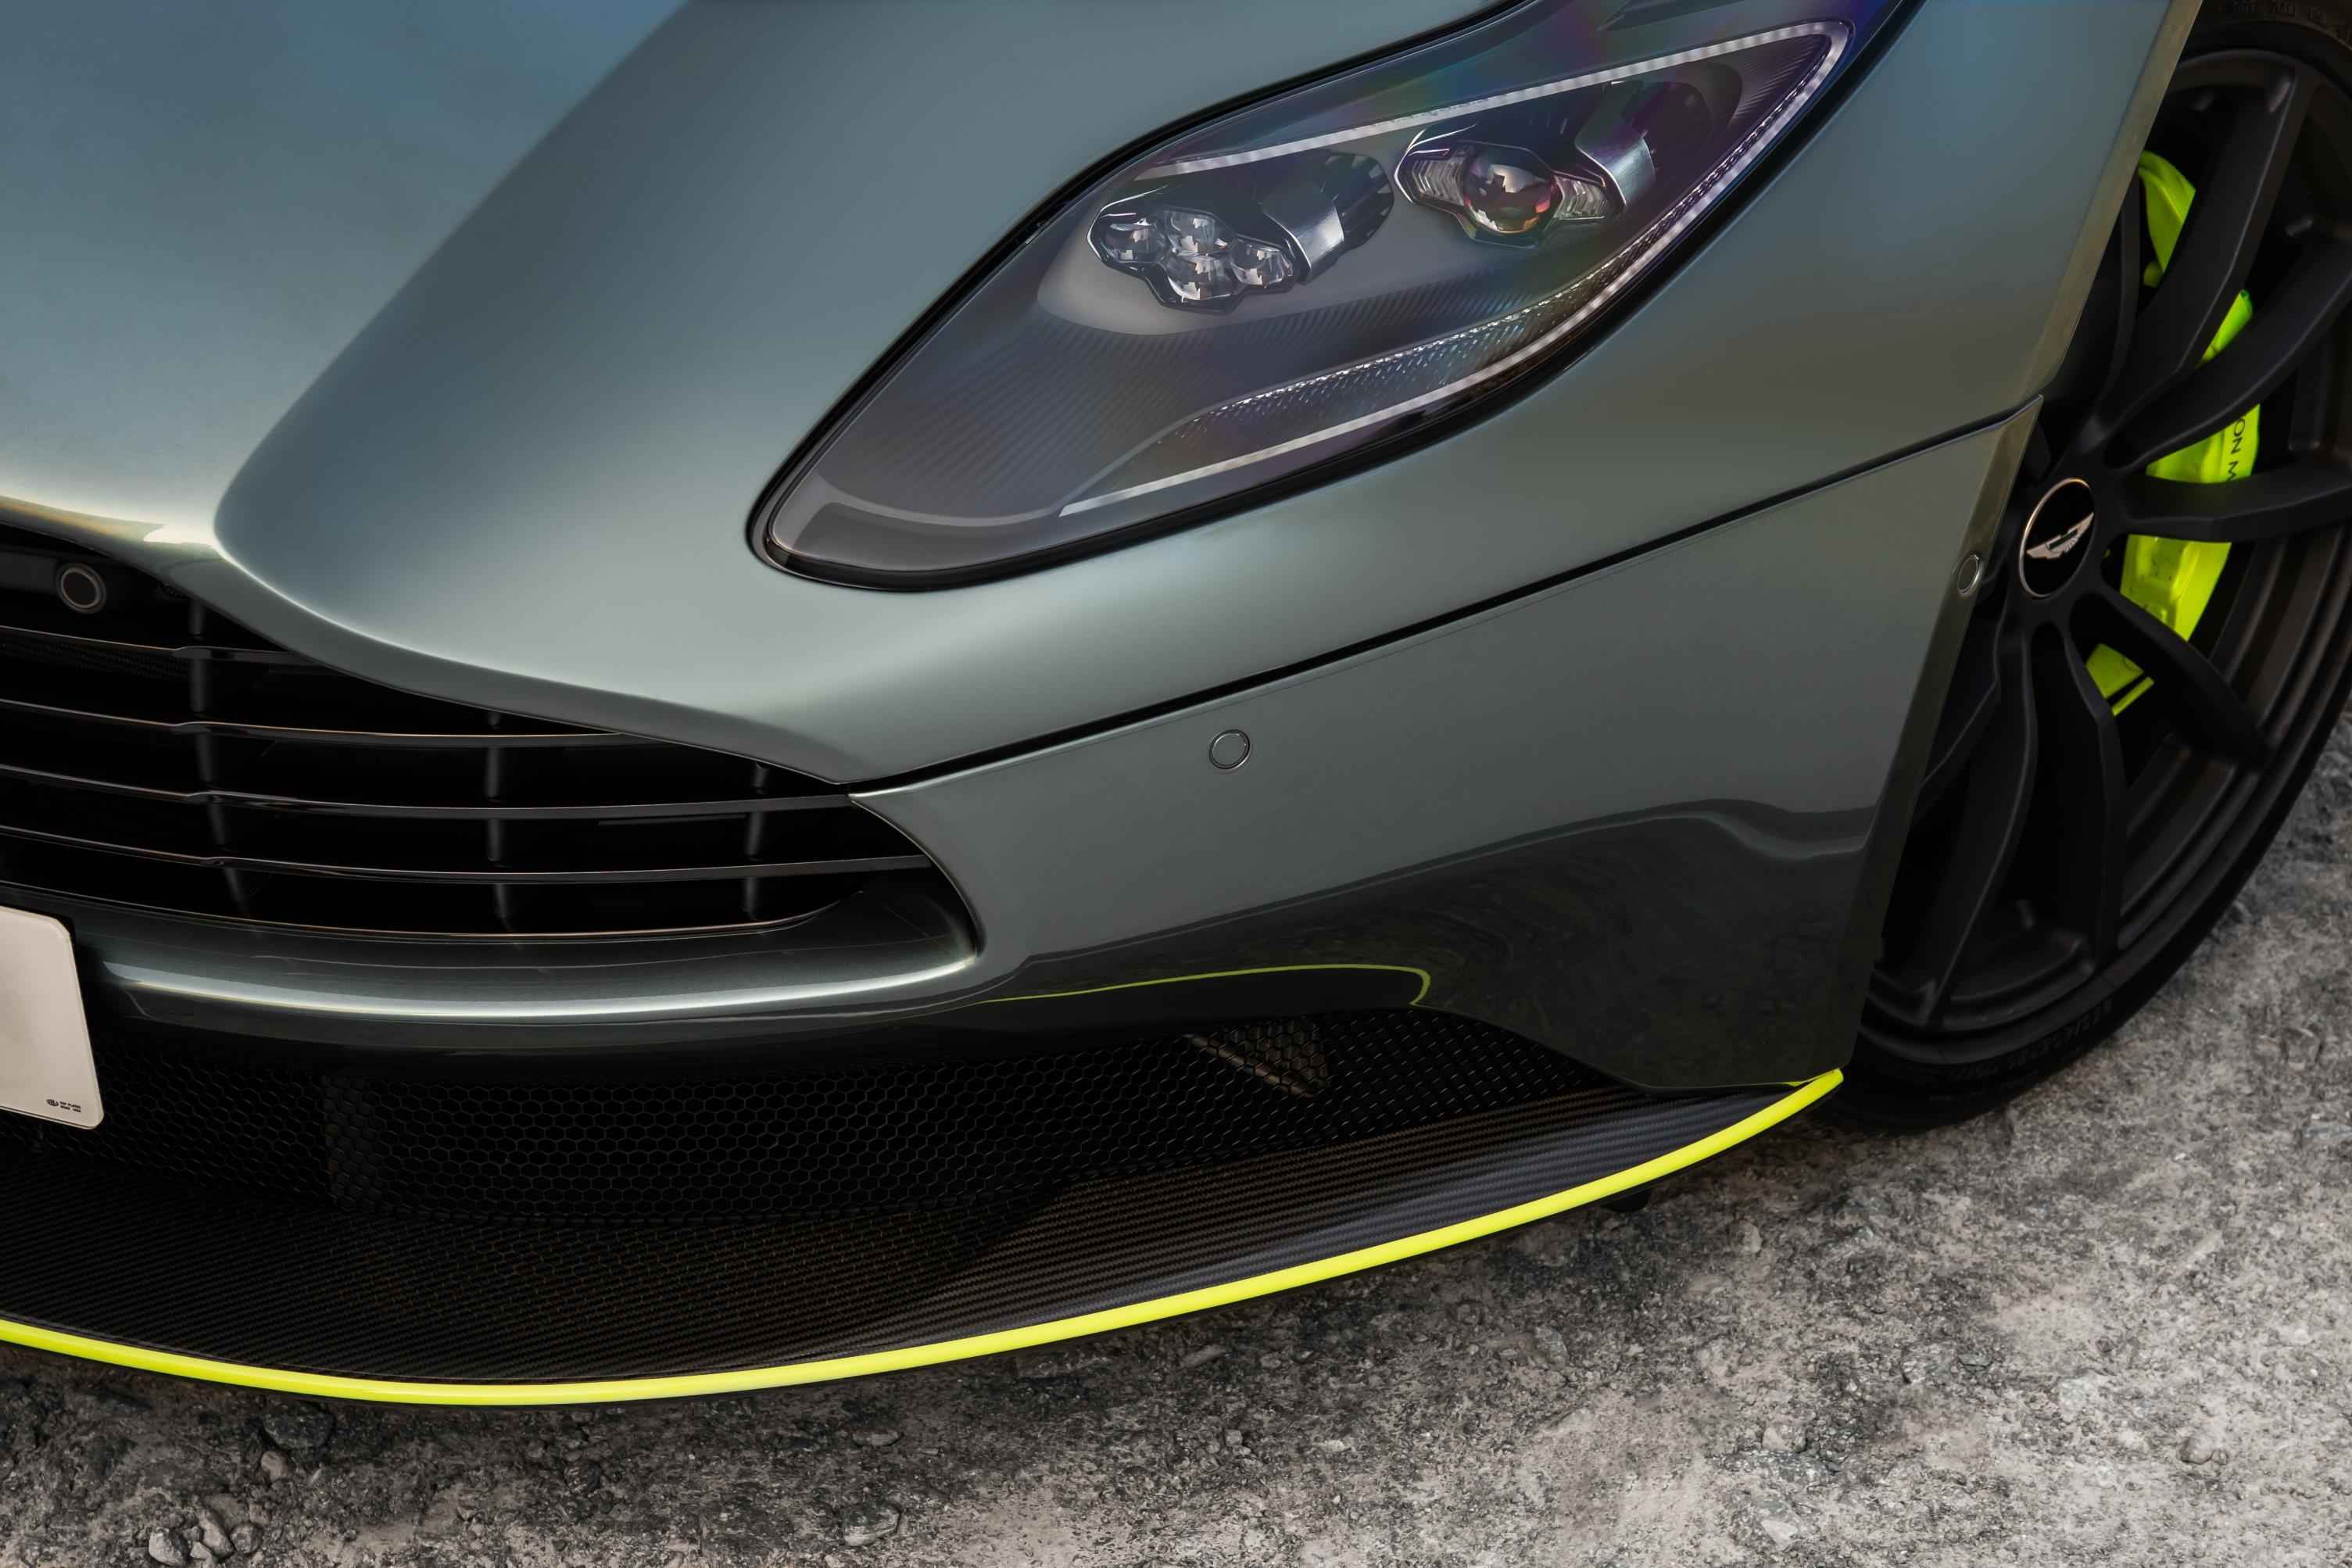 Президент и главный исполнительный директор Aston Martin д-р Энди Палмер сказал: «С момента своего первоначального запуска в 2016 году диапазон DB11 созревал быстро и разумно, продавая около 4200 экземпляров V12 в этот период. С уникальным V8 Coupe и